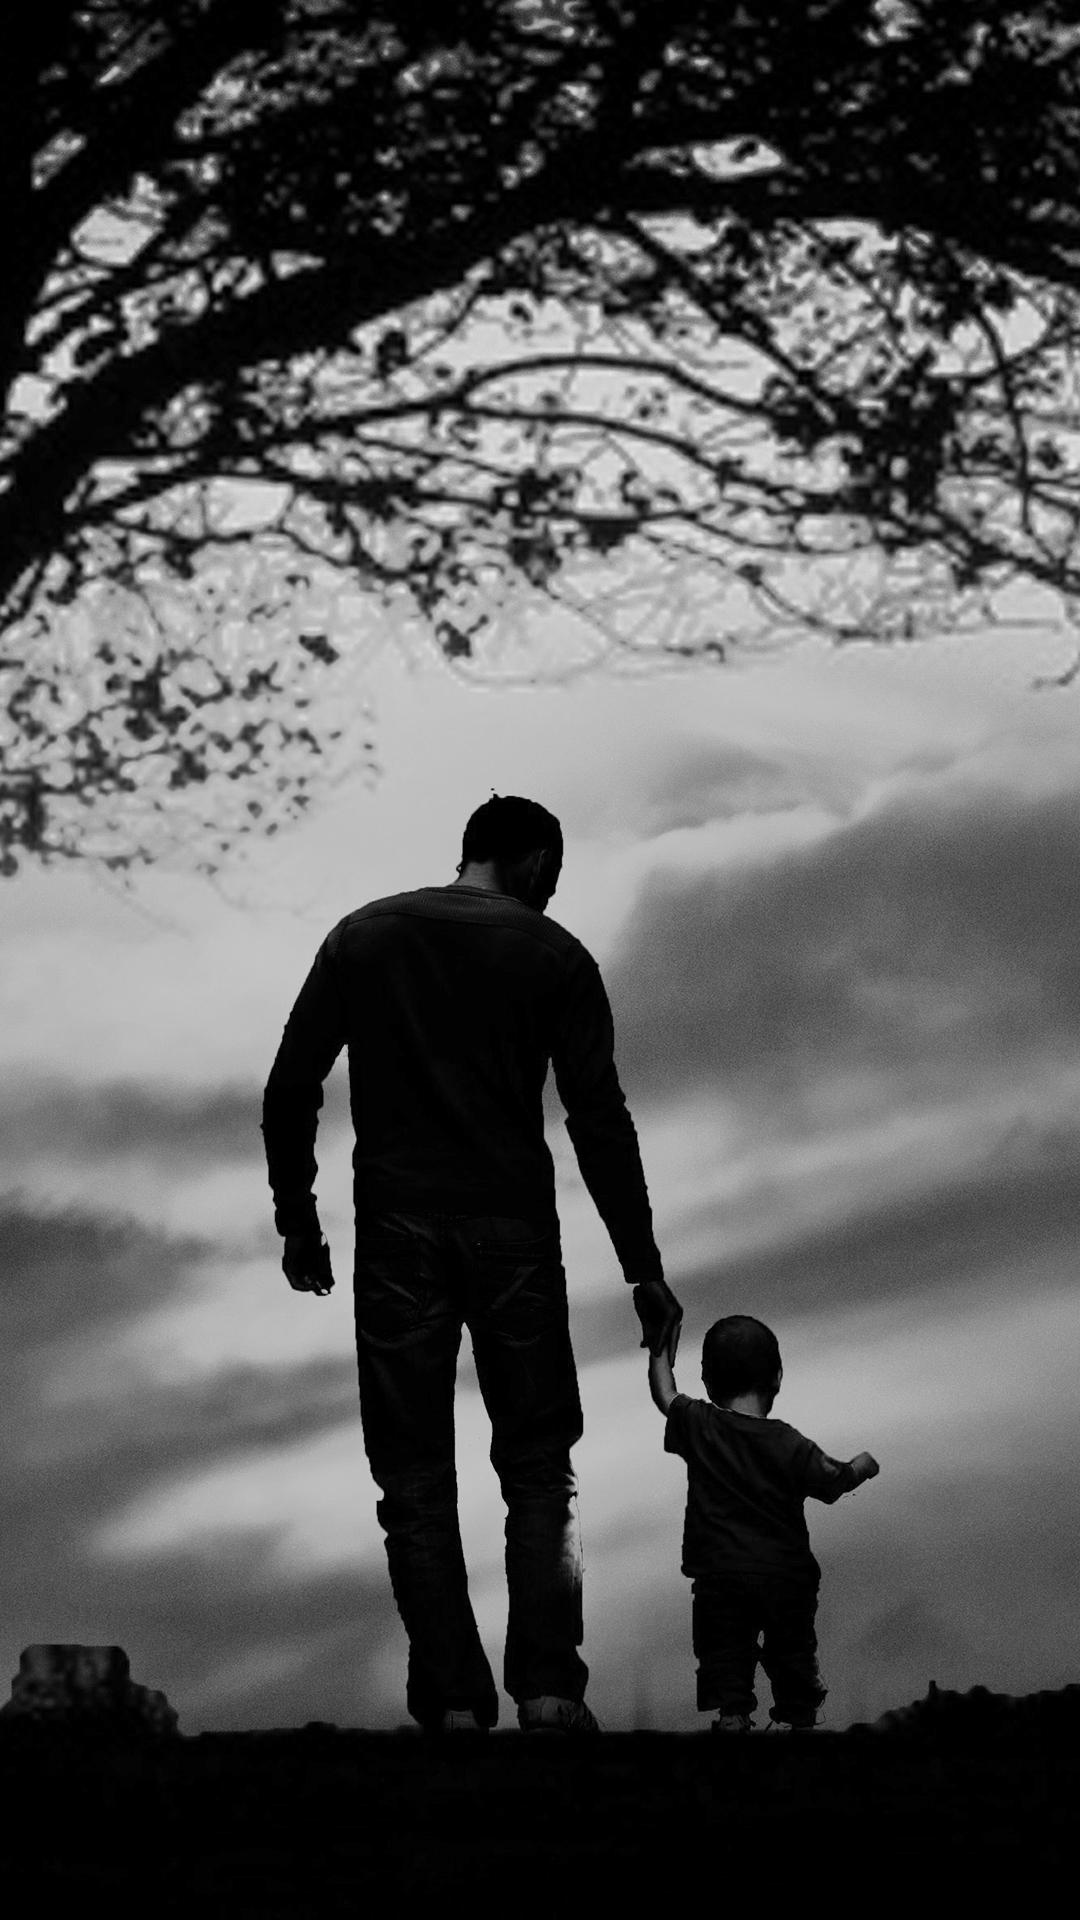 父子图片牵手背影高清